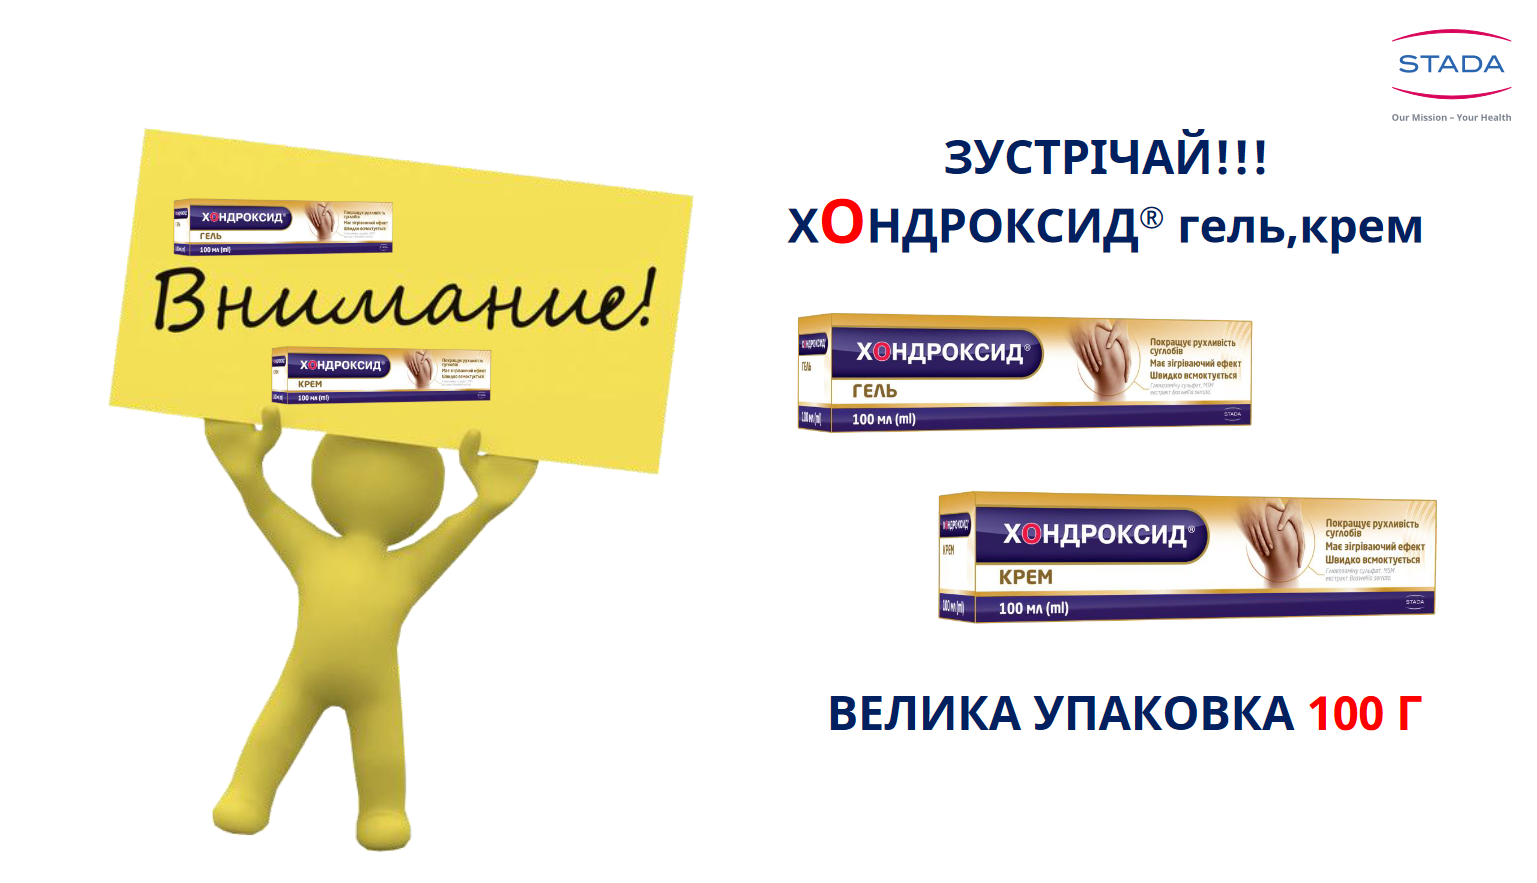 * Стада-Україна * ДП Хондроксид крем,гель